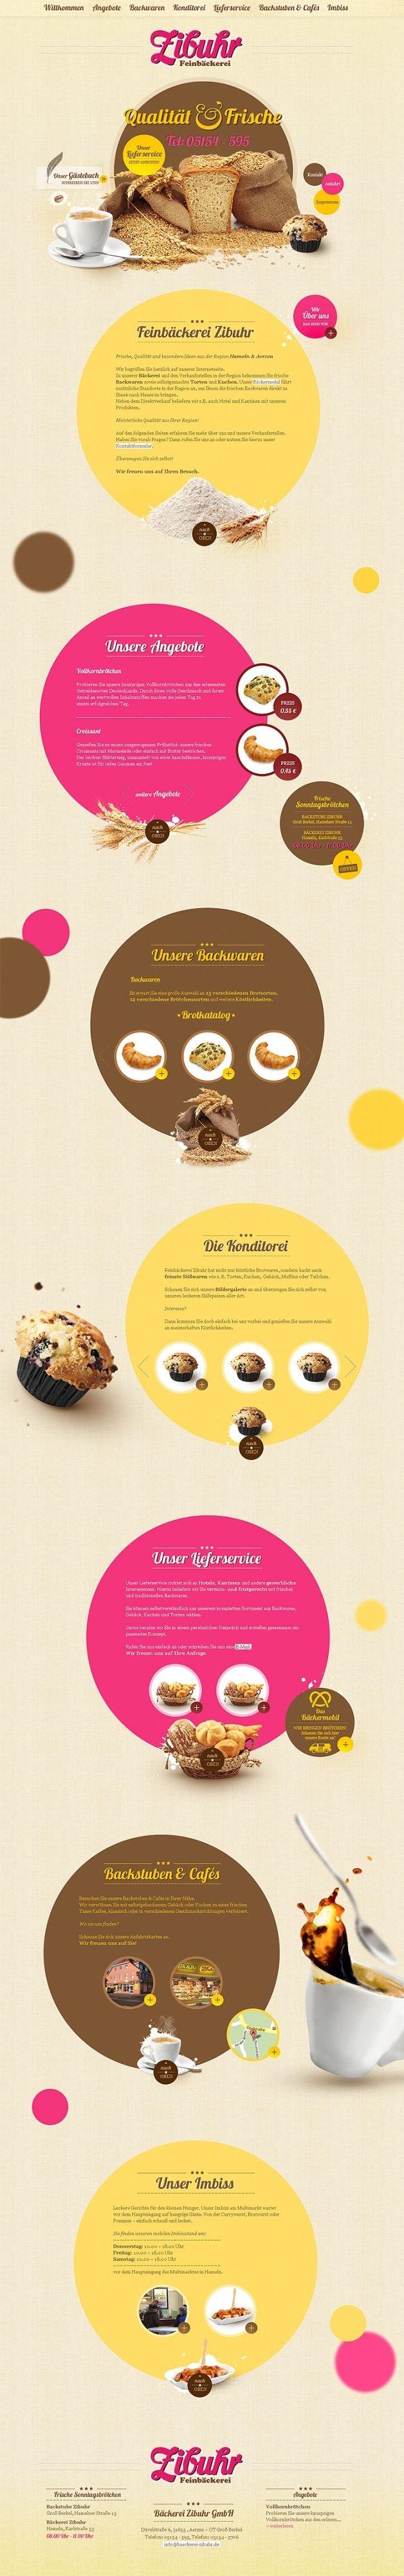 So könnte das Webdesign für eine traditionelle Bäckerei mit attraktiven, frischen und leckeren Angebot rund um Brot, Brötchen und Gebäck aussehen.